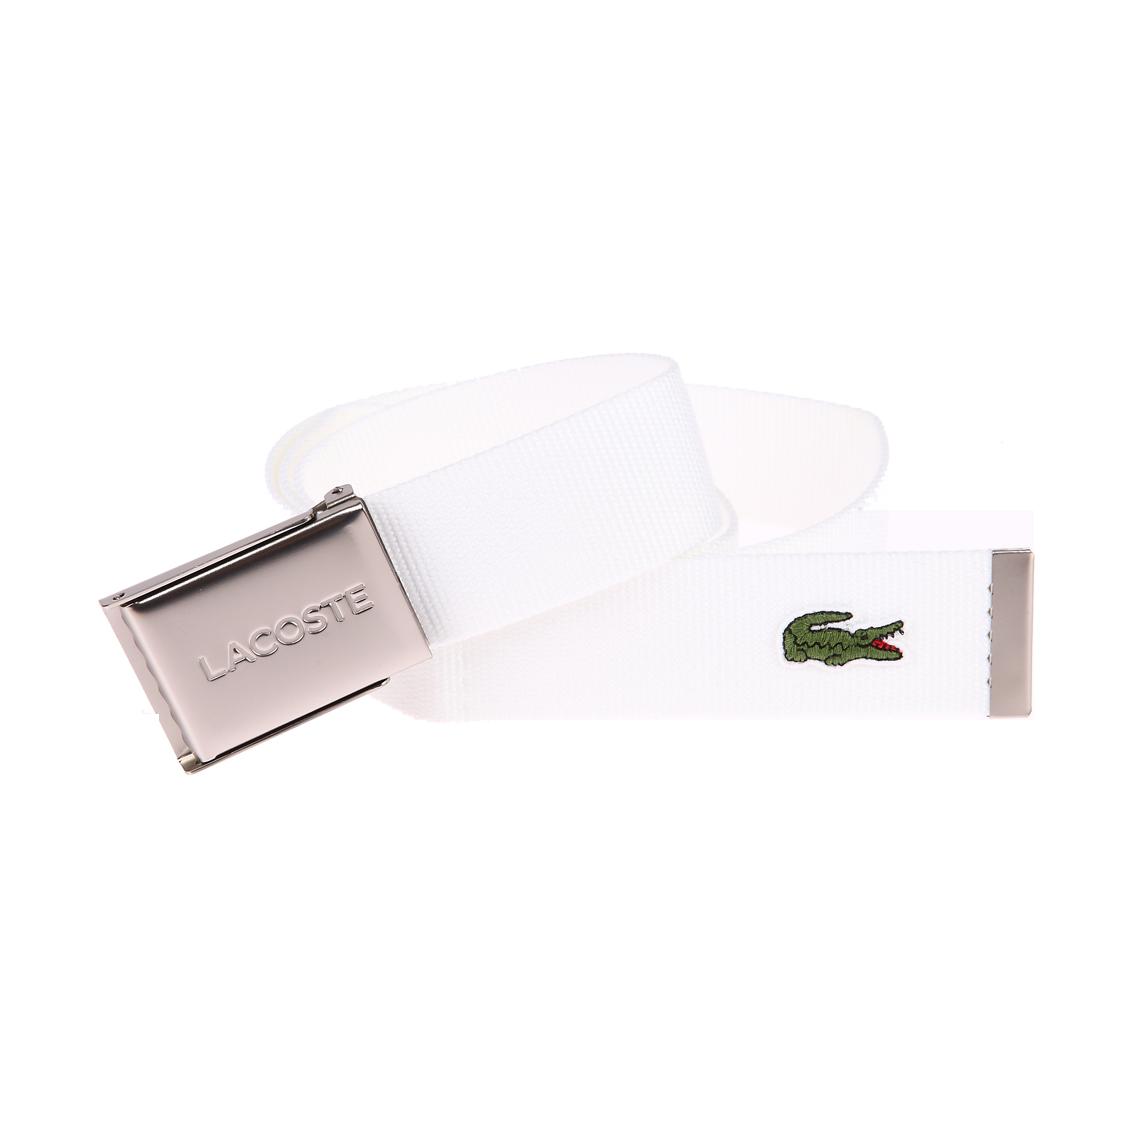 Ceinture ajustable Lacoste en tissu blanc à boucle pleine gravée